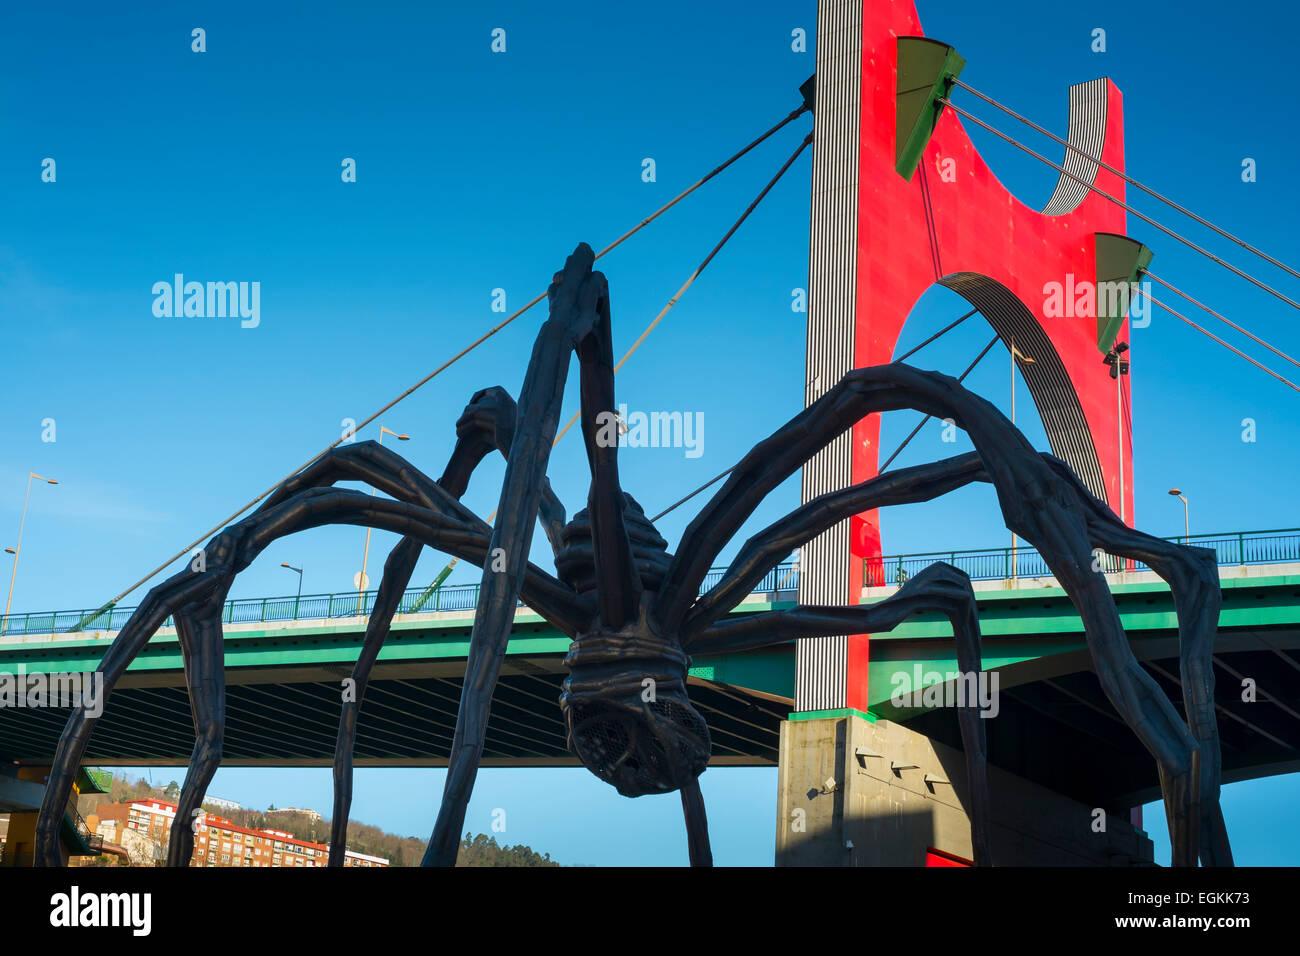 Pont de la salve et 'maman' sculpture araignée. Bilbao, Espagne. L'Europe. Banque D'Images